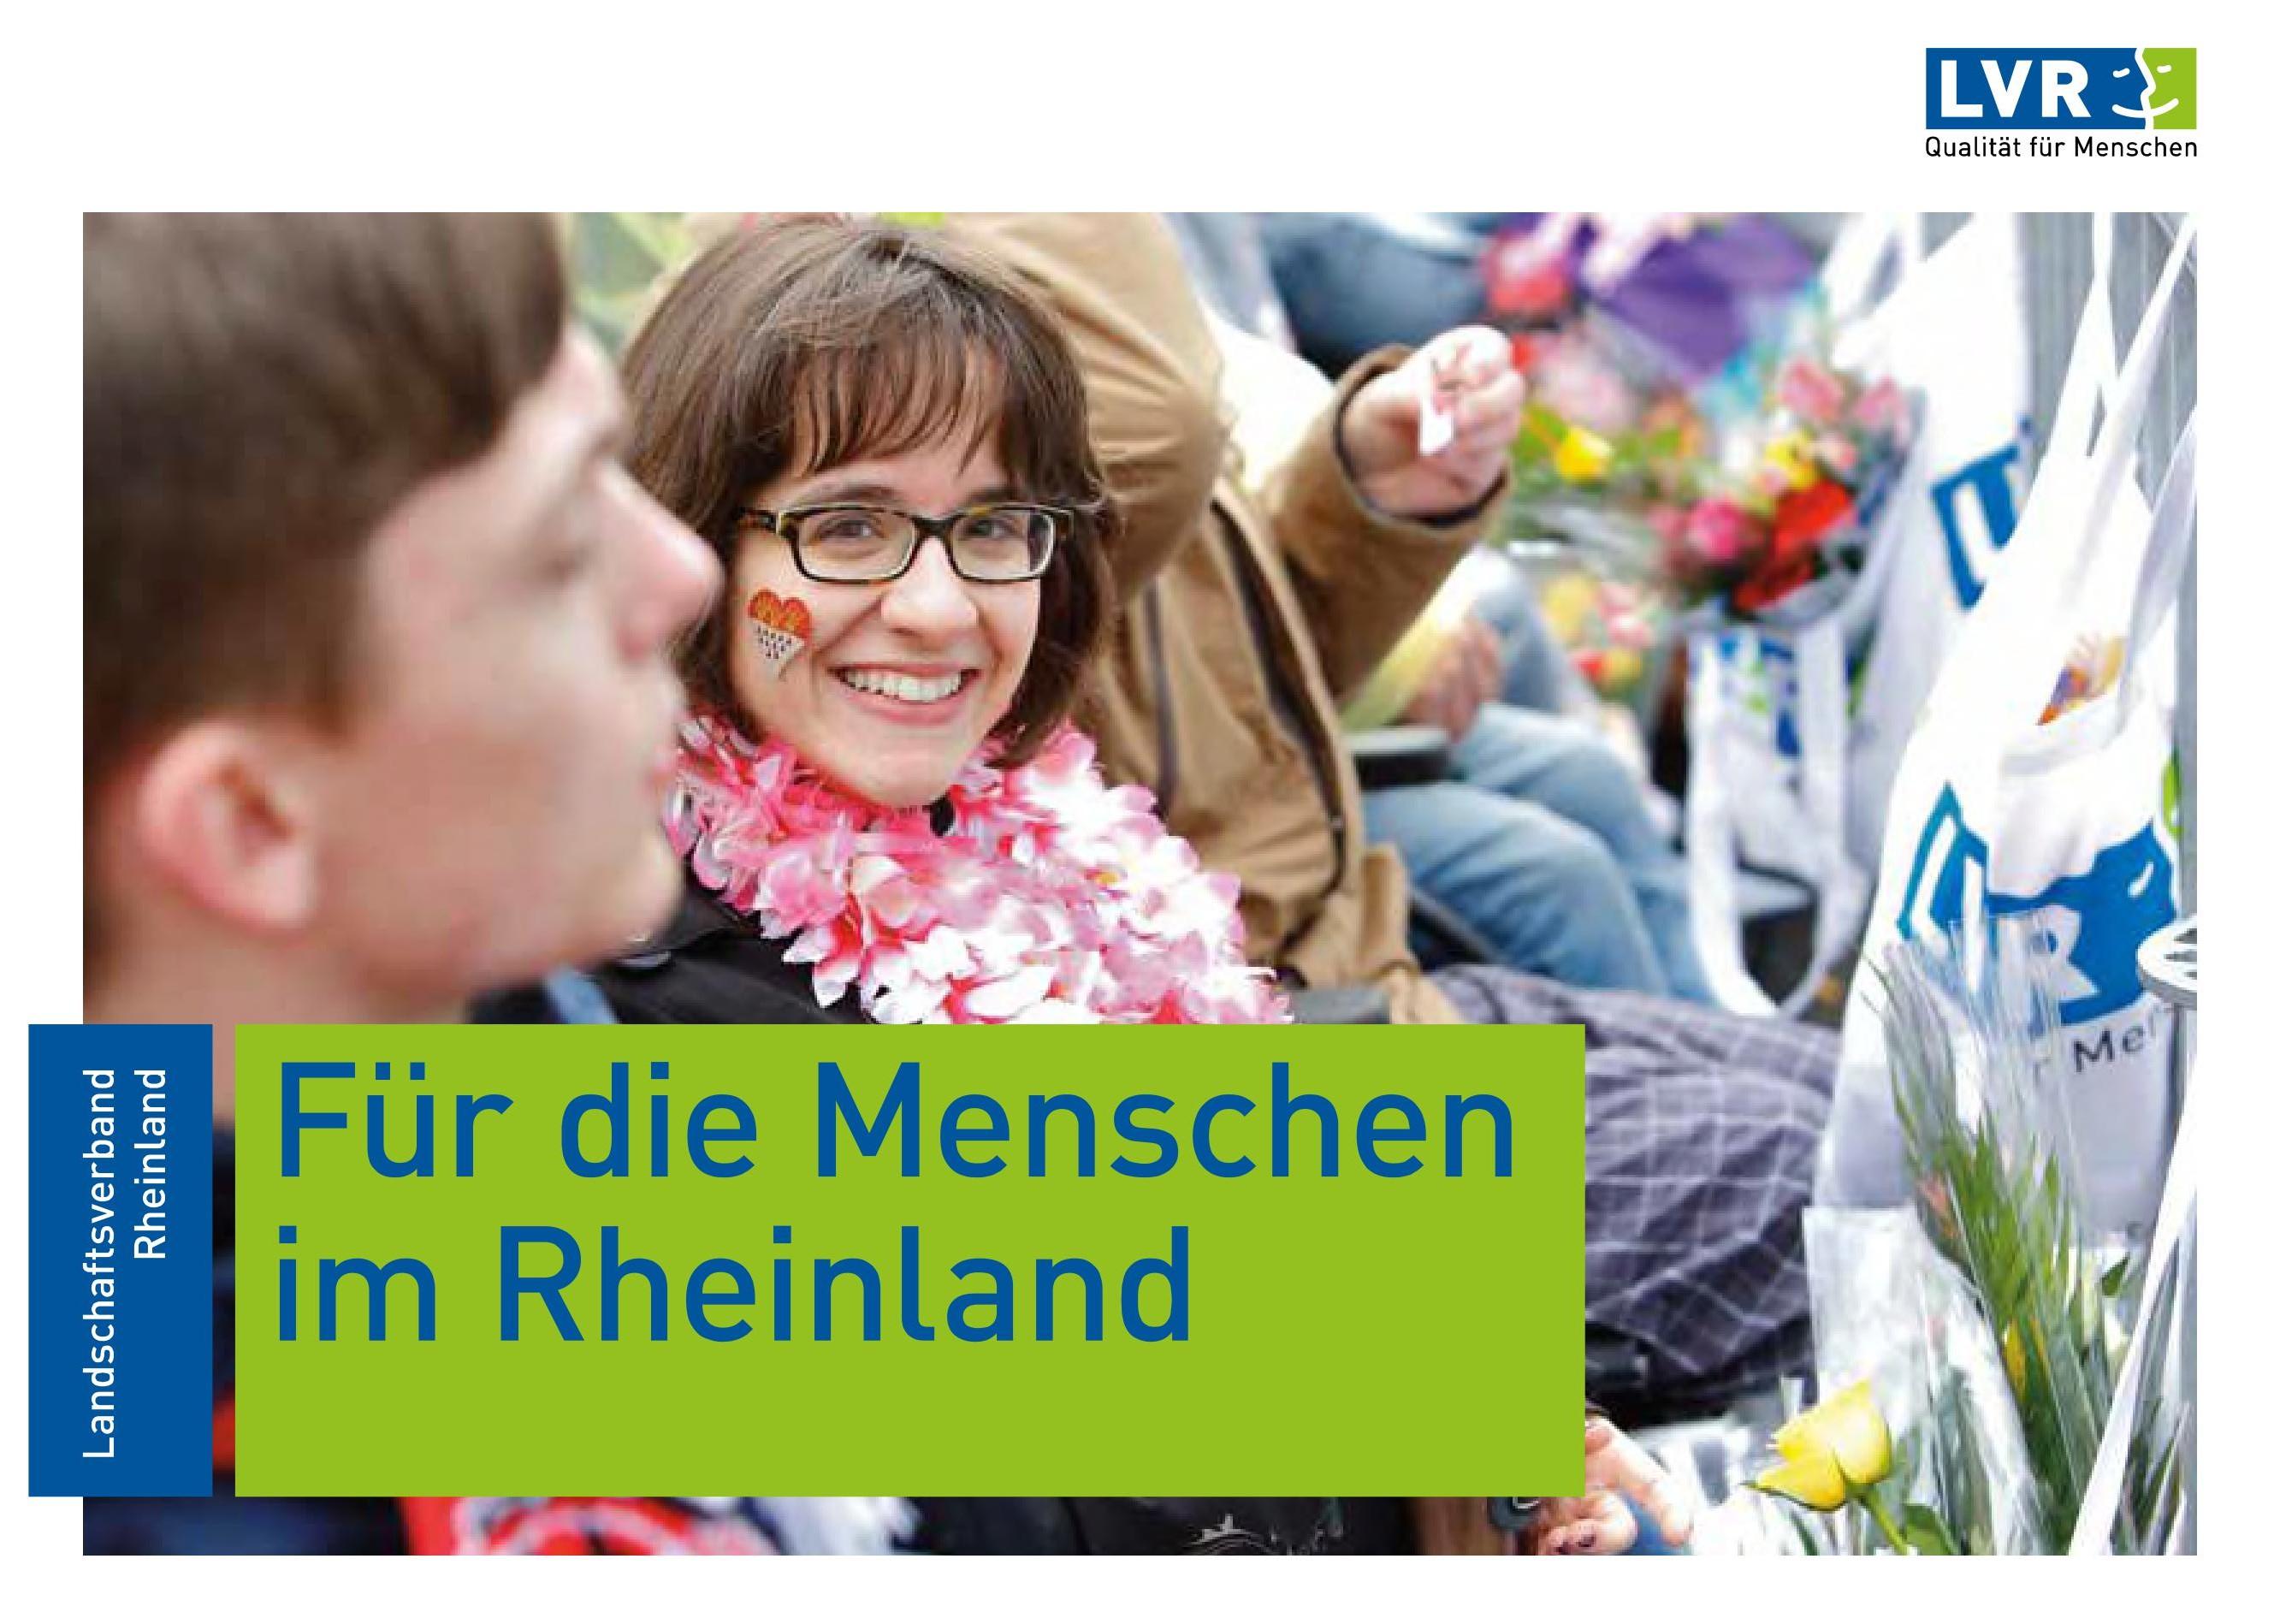 Für die Menschen im Rheinland - LVR-Image-Broschüre